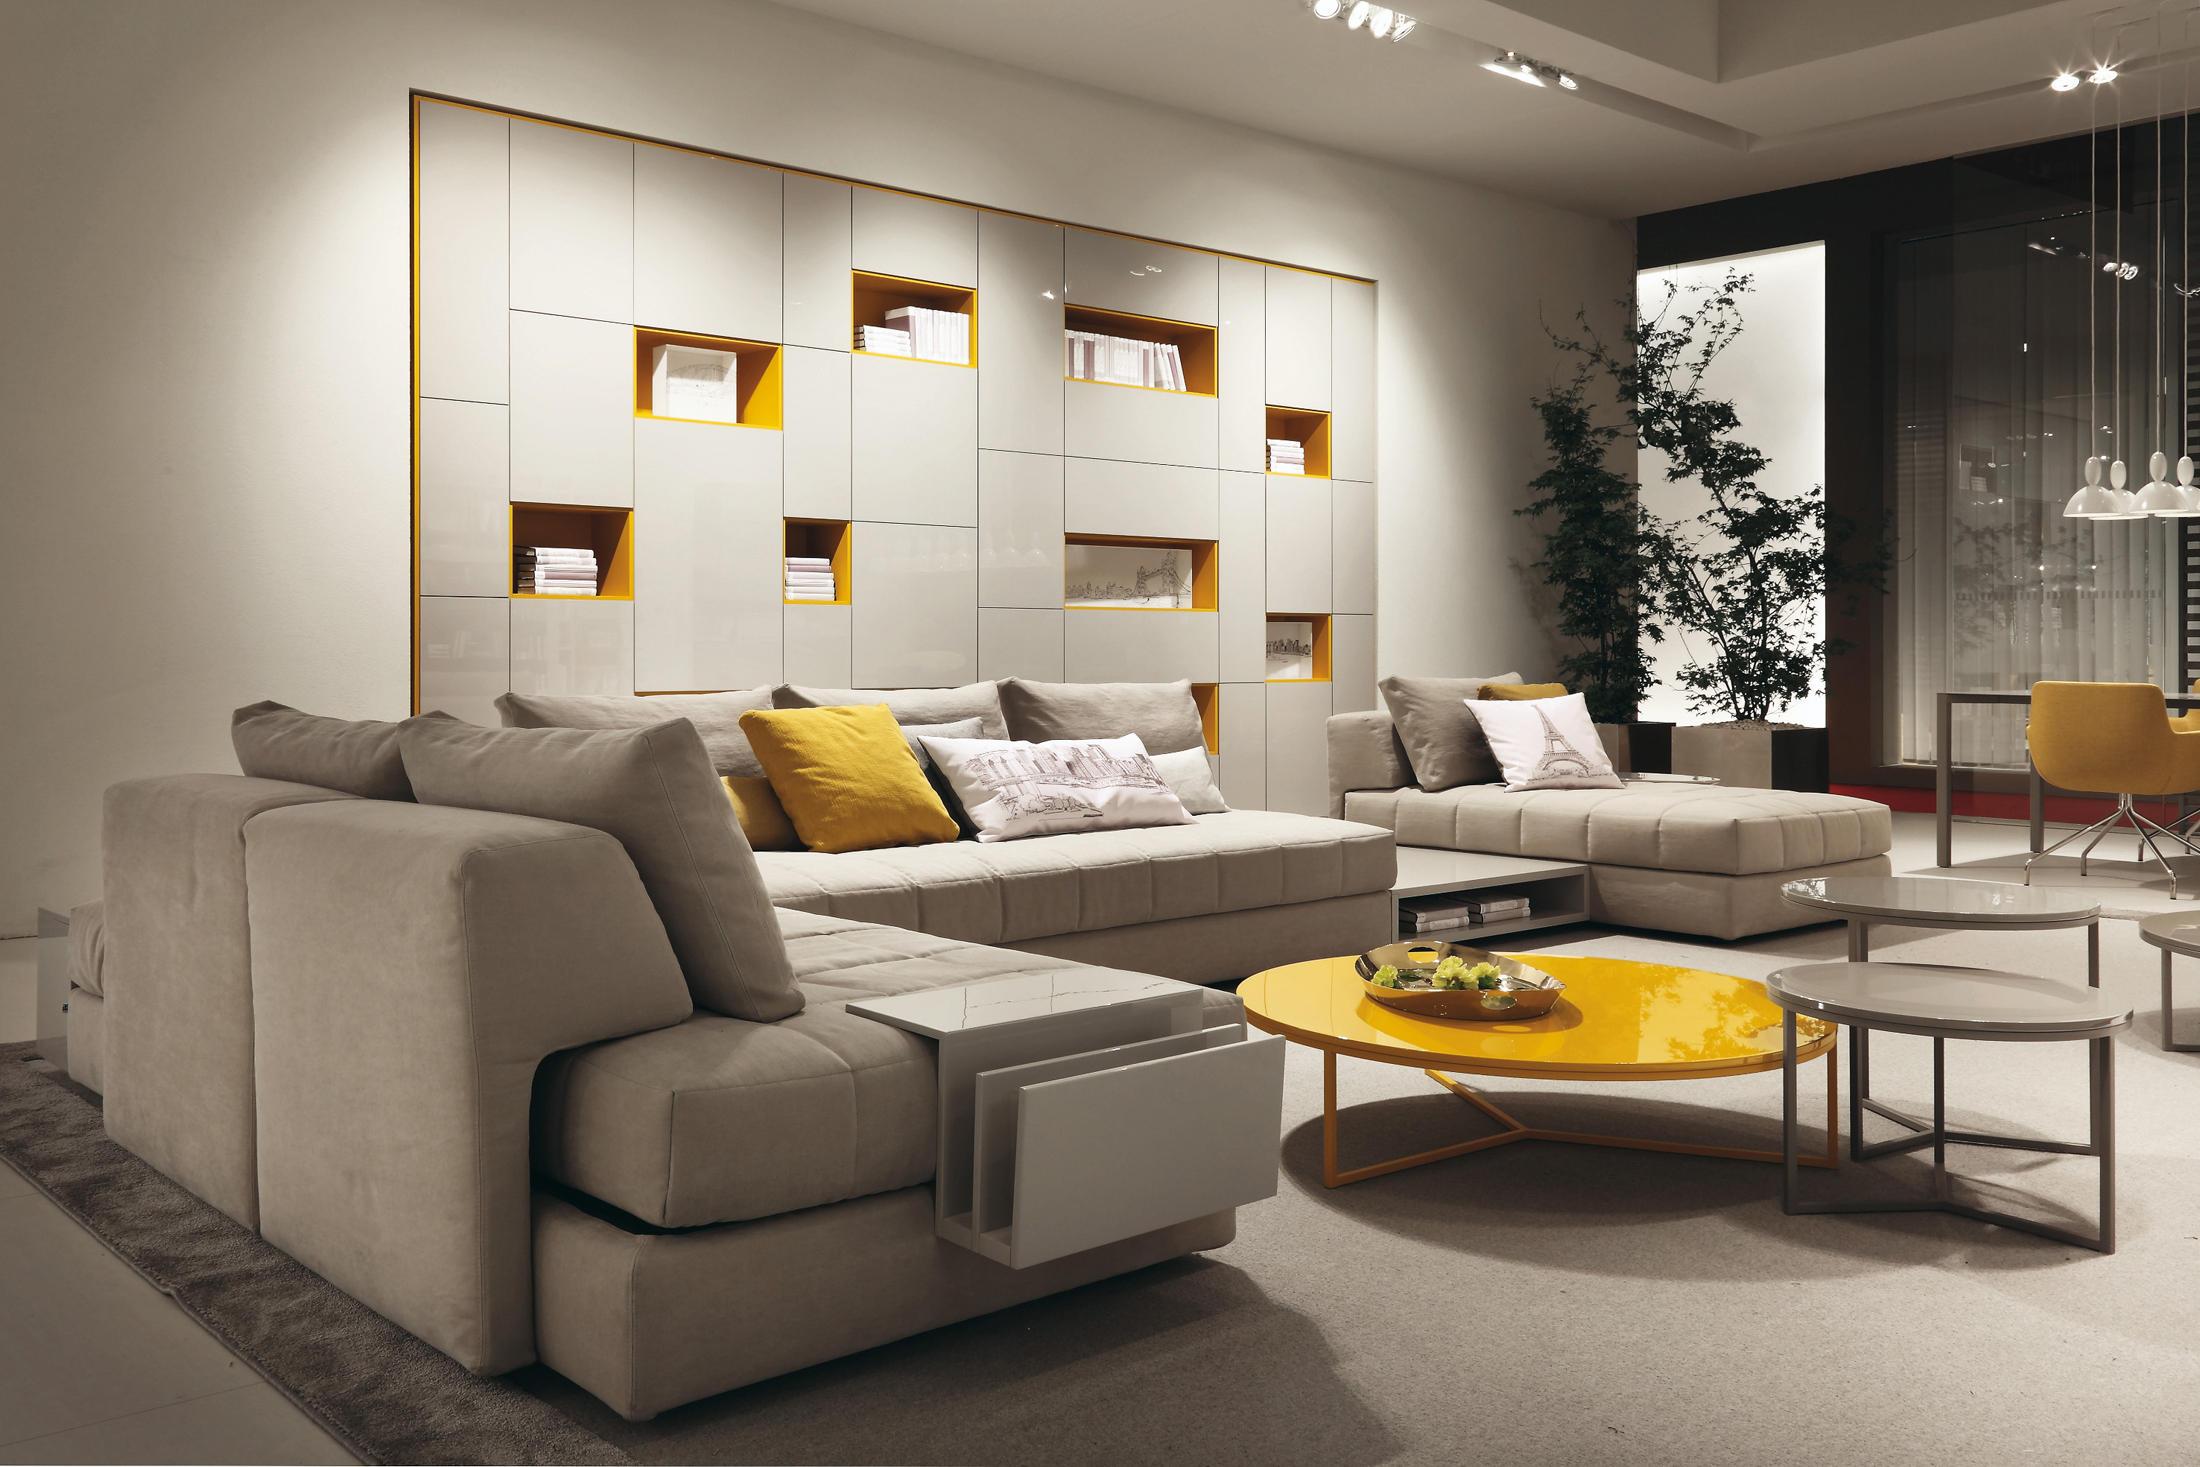 Mobili Soggiorno Feg : Eos divano componibile divani feg architonic